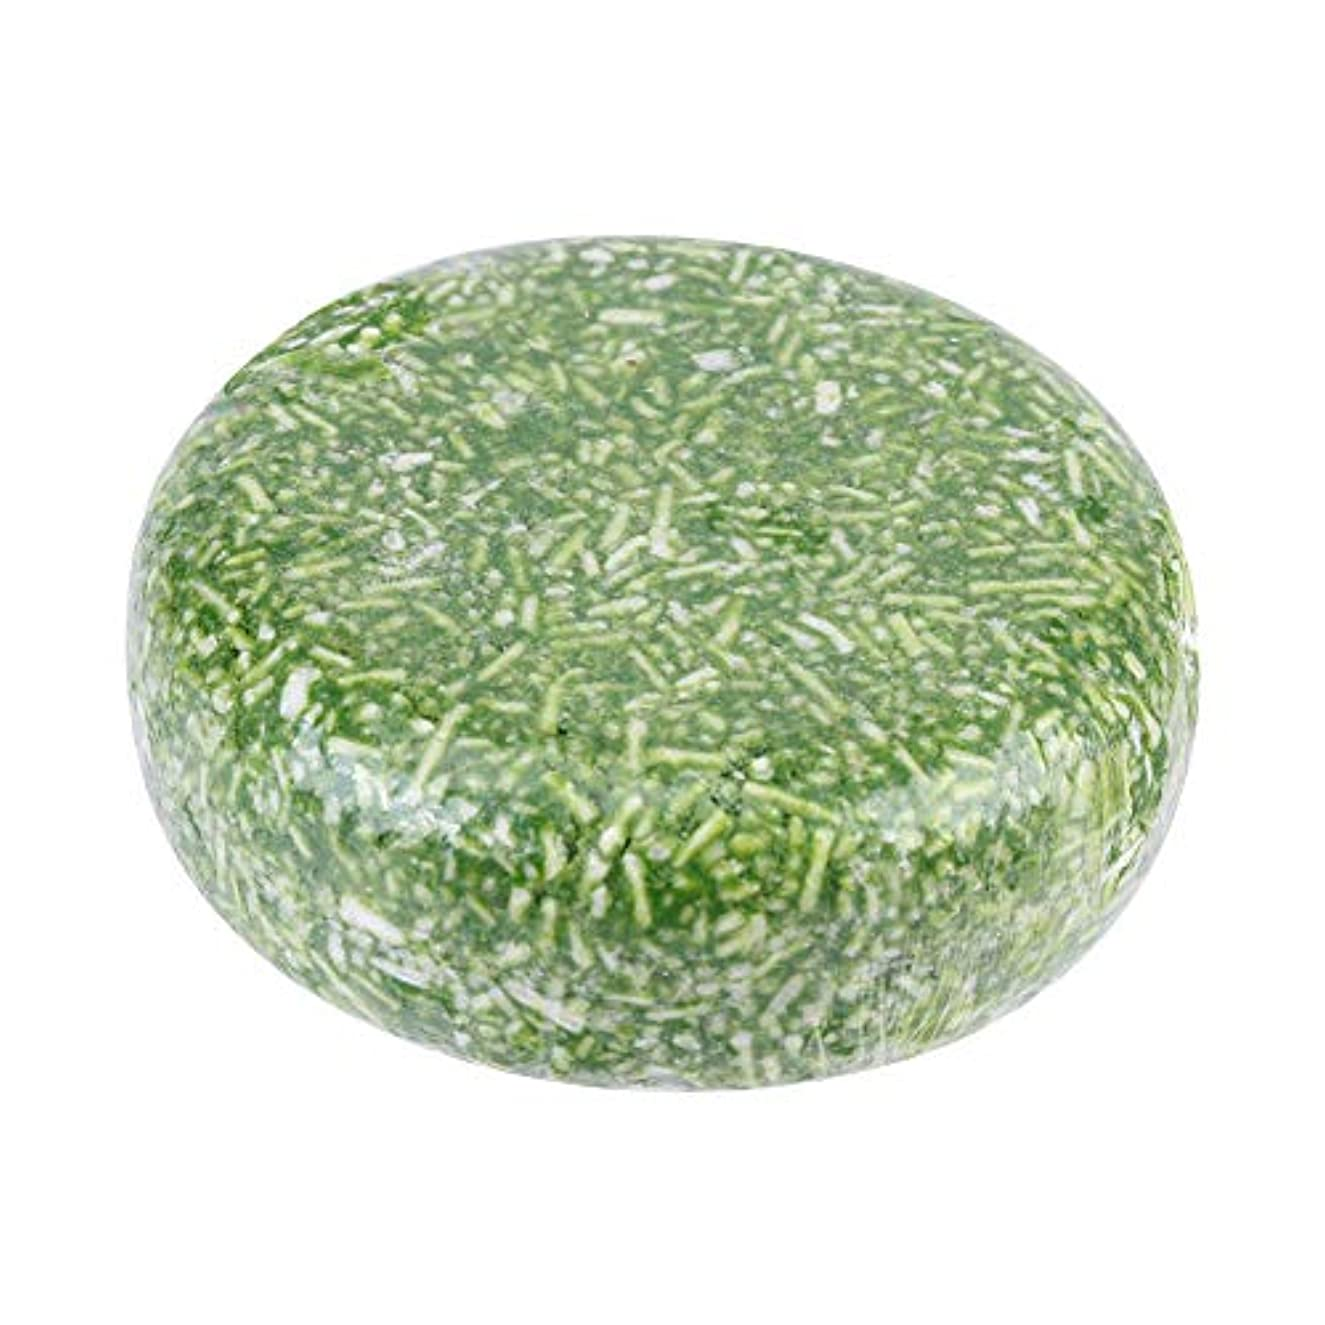 肉腫備品マーチャンダイジングオーガニック手作り冷たいシナモンシャンプーバー100%ピュアヘアシャンプー(グリーン)